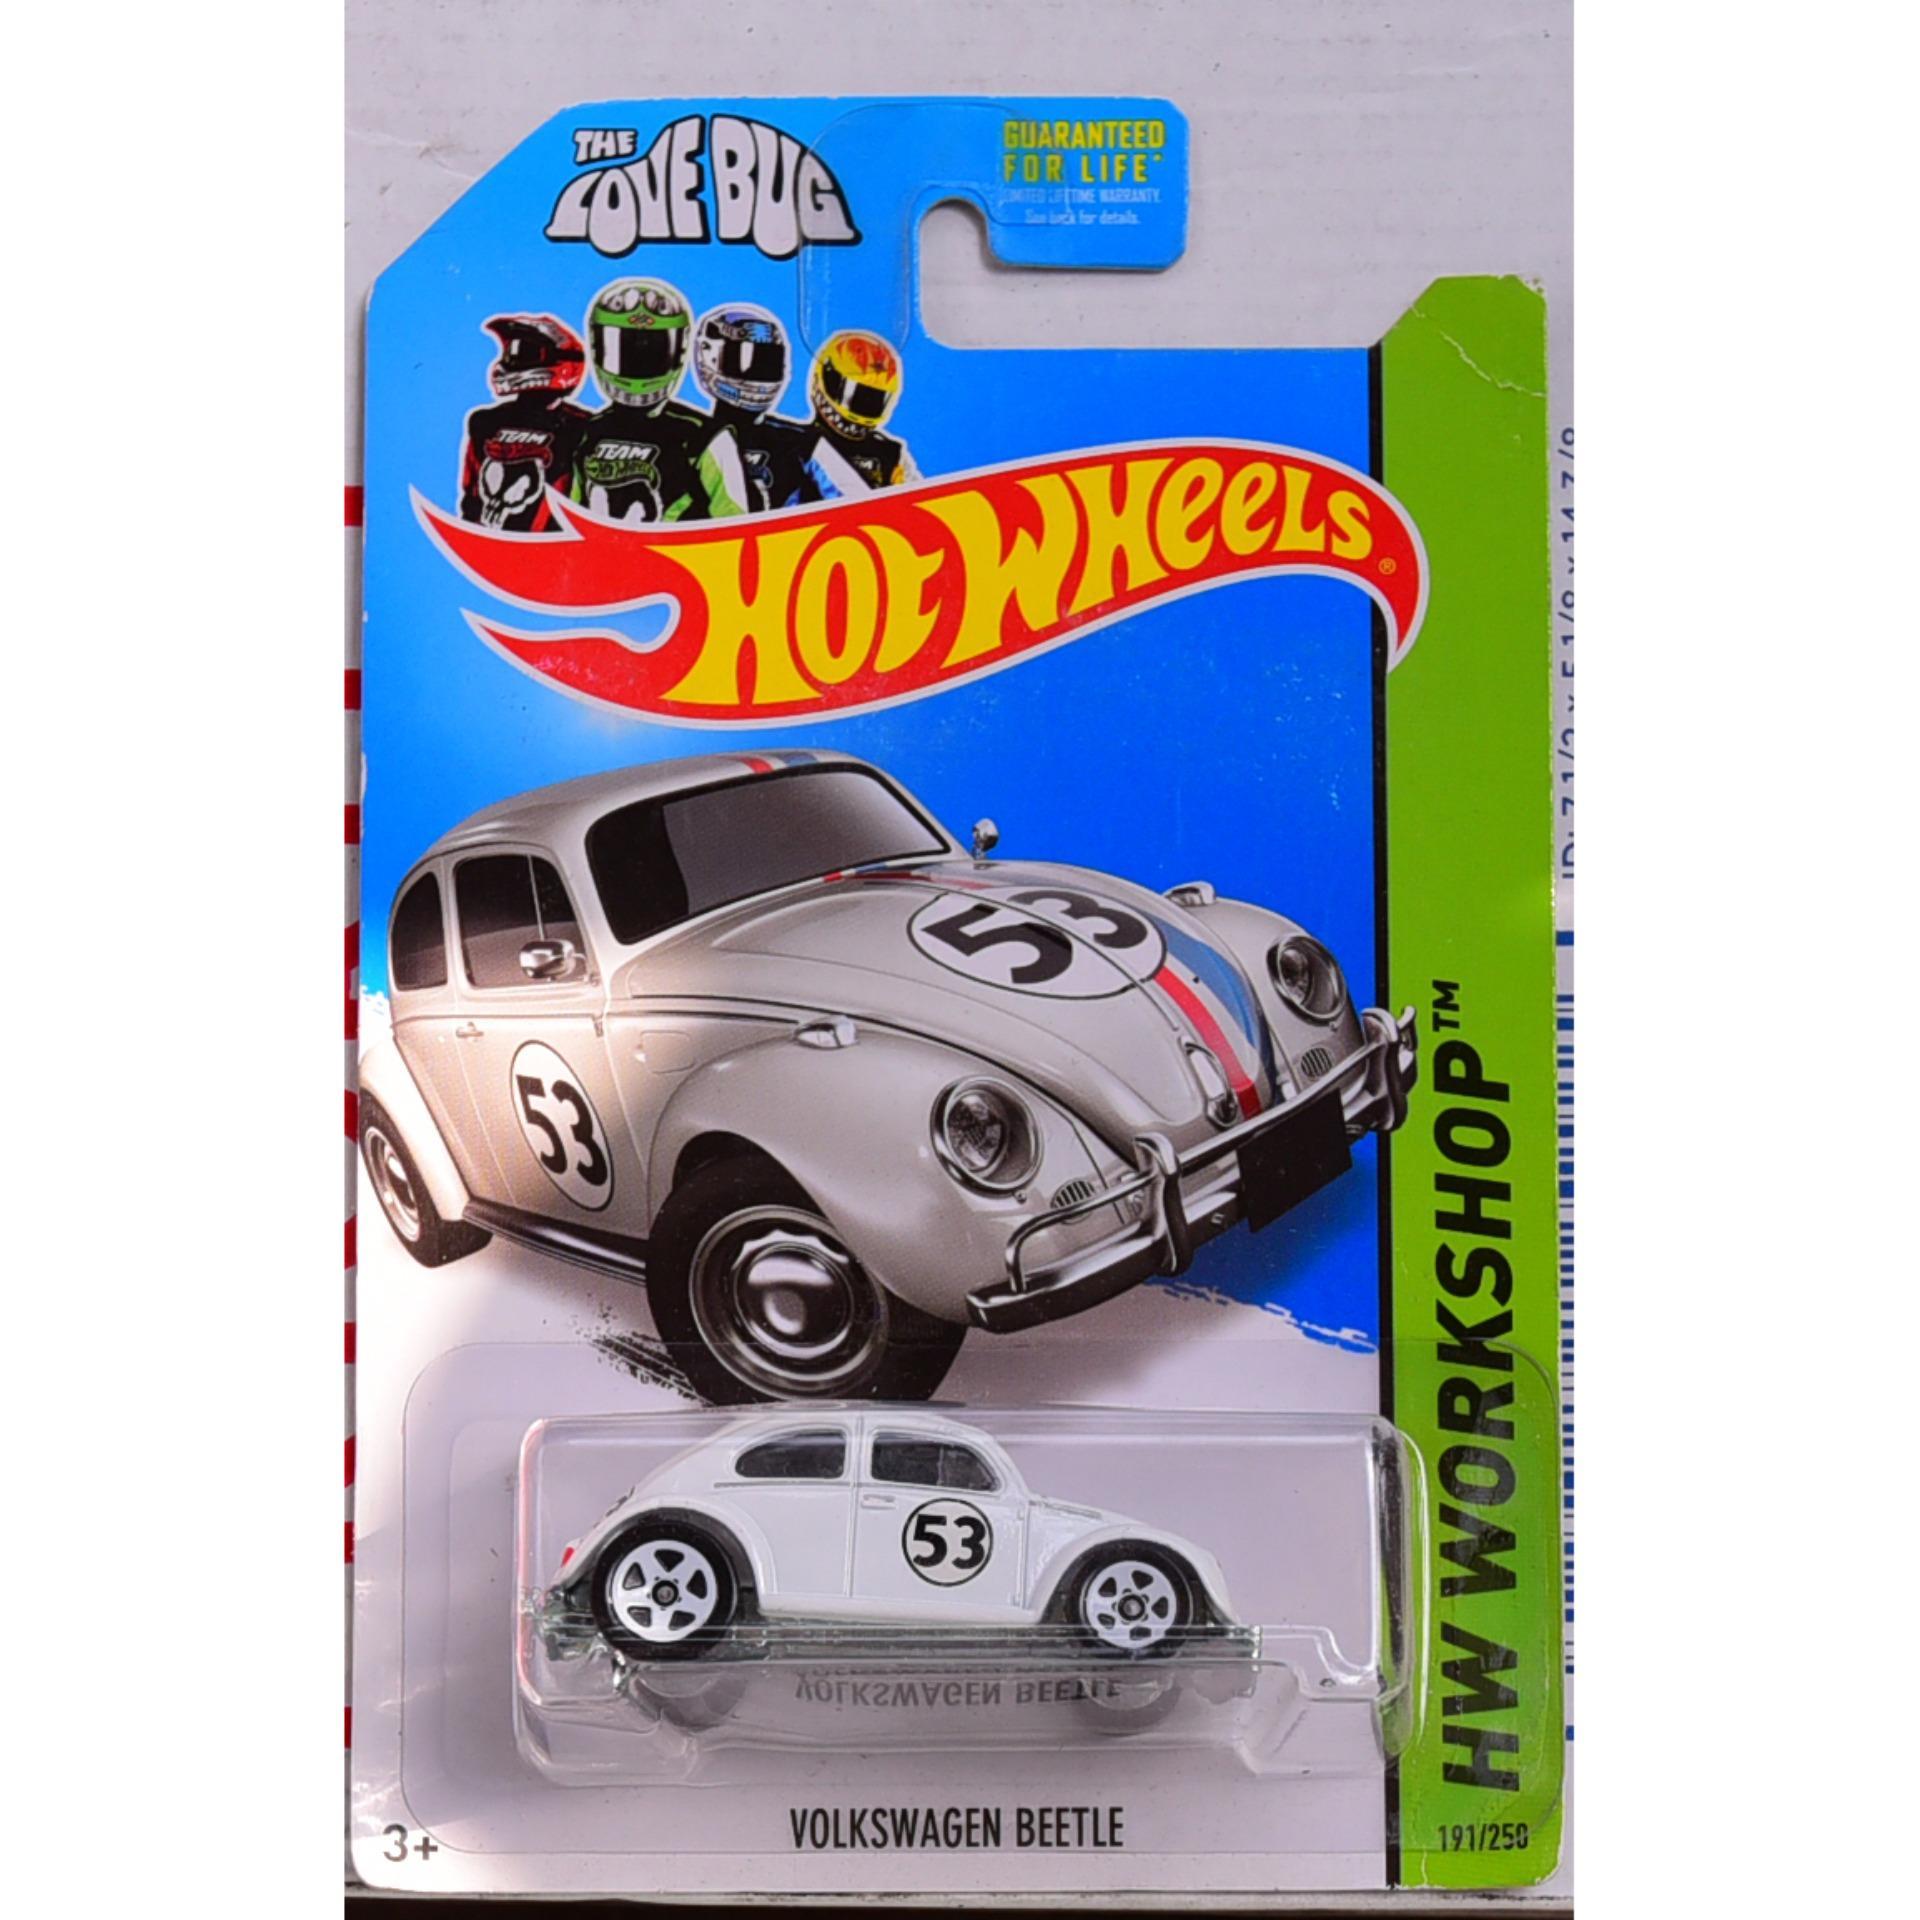 Bán O To Mo Hinh Tỉ Lệ 1 64 Hot Wheels Xe Theo Phim Herbie The Love Bug Volkswagen Beetle Mau Trắng Trực Tuyến Trong Hồ Chí Minh